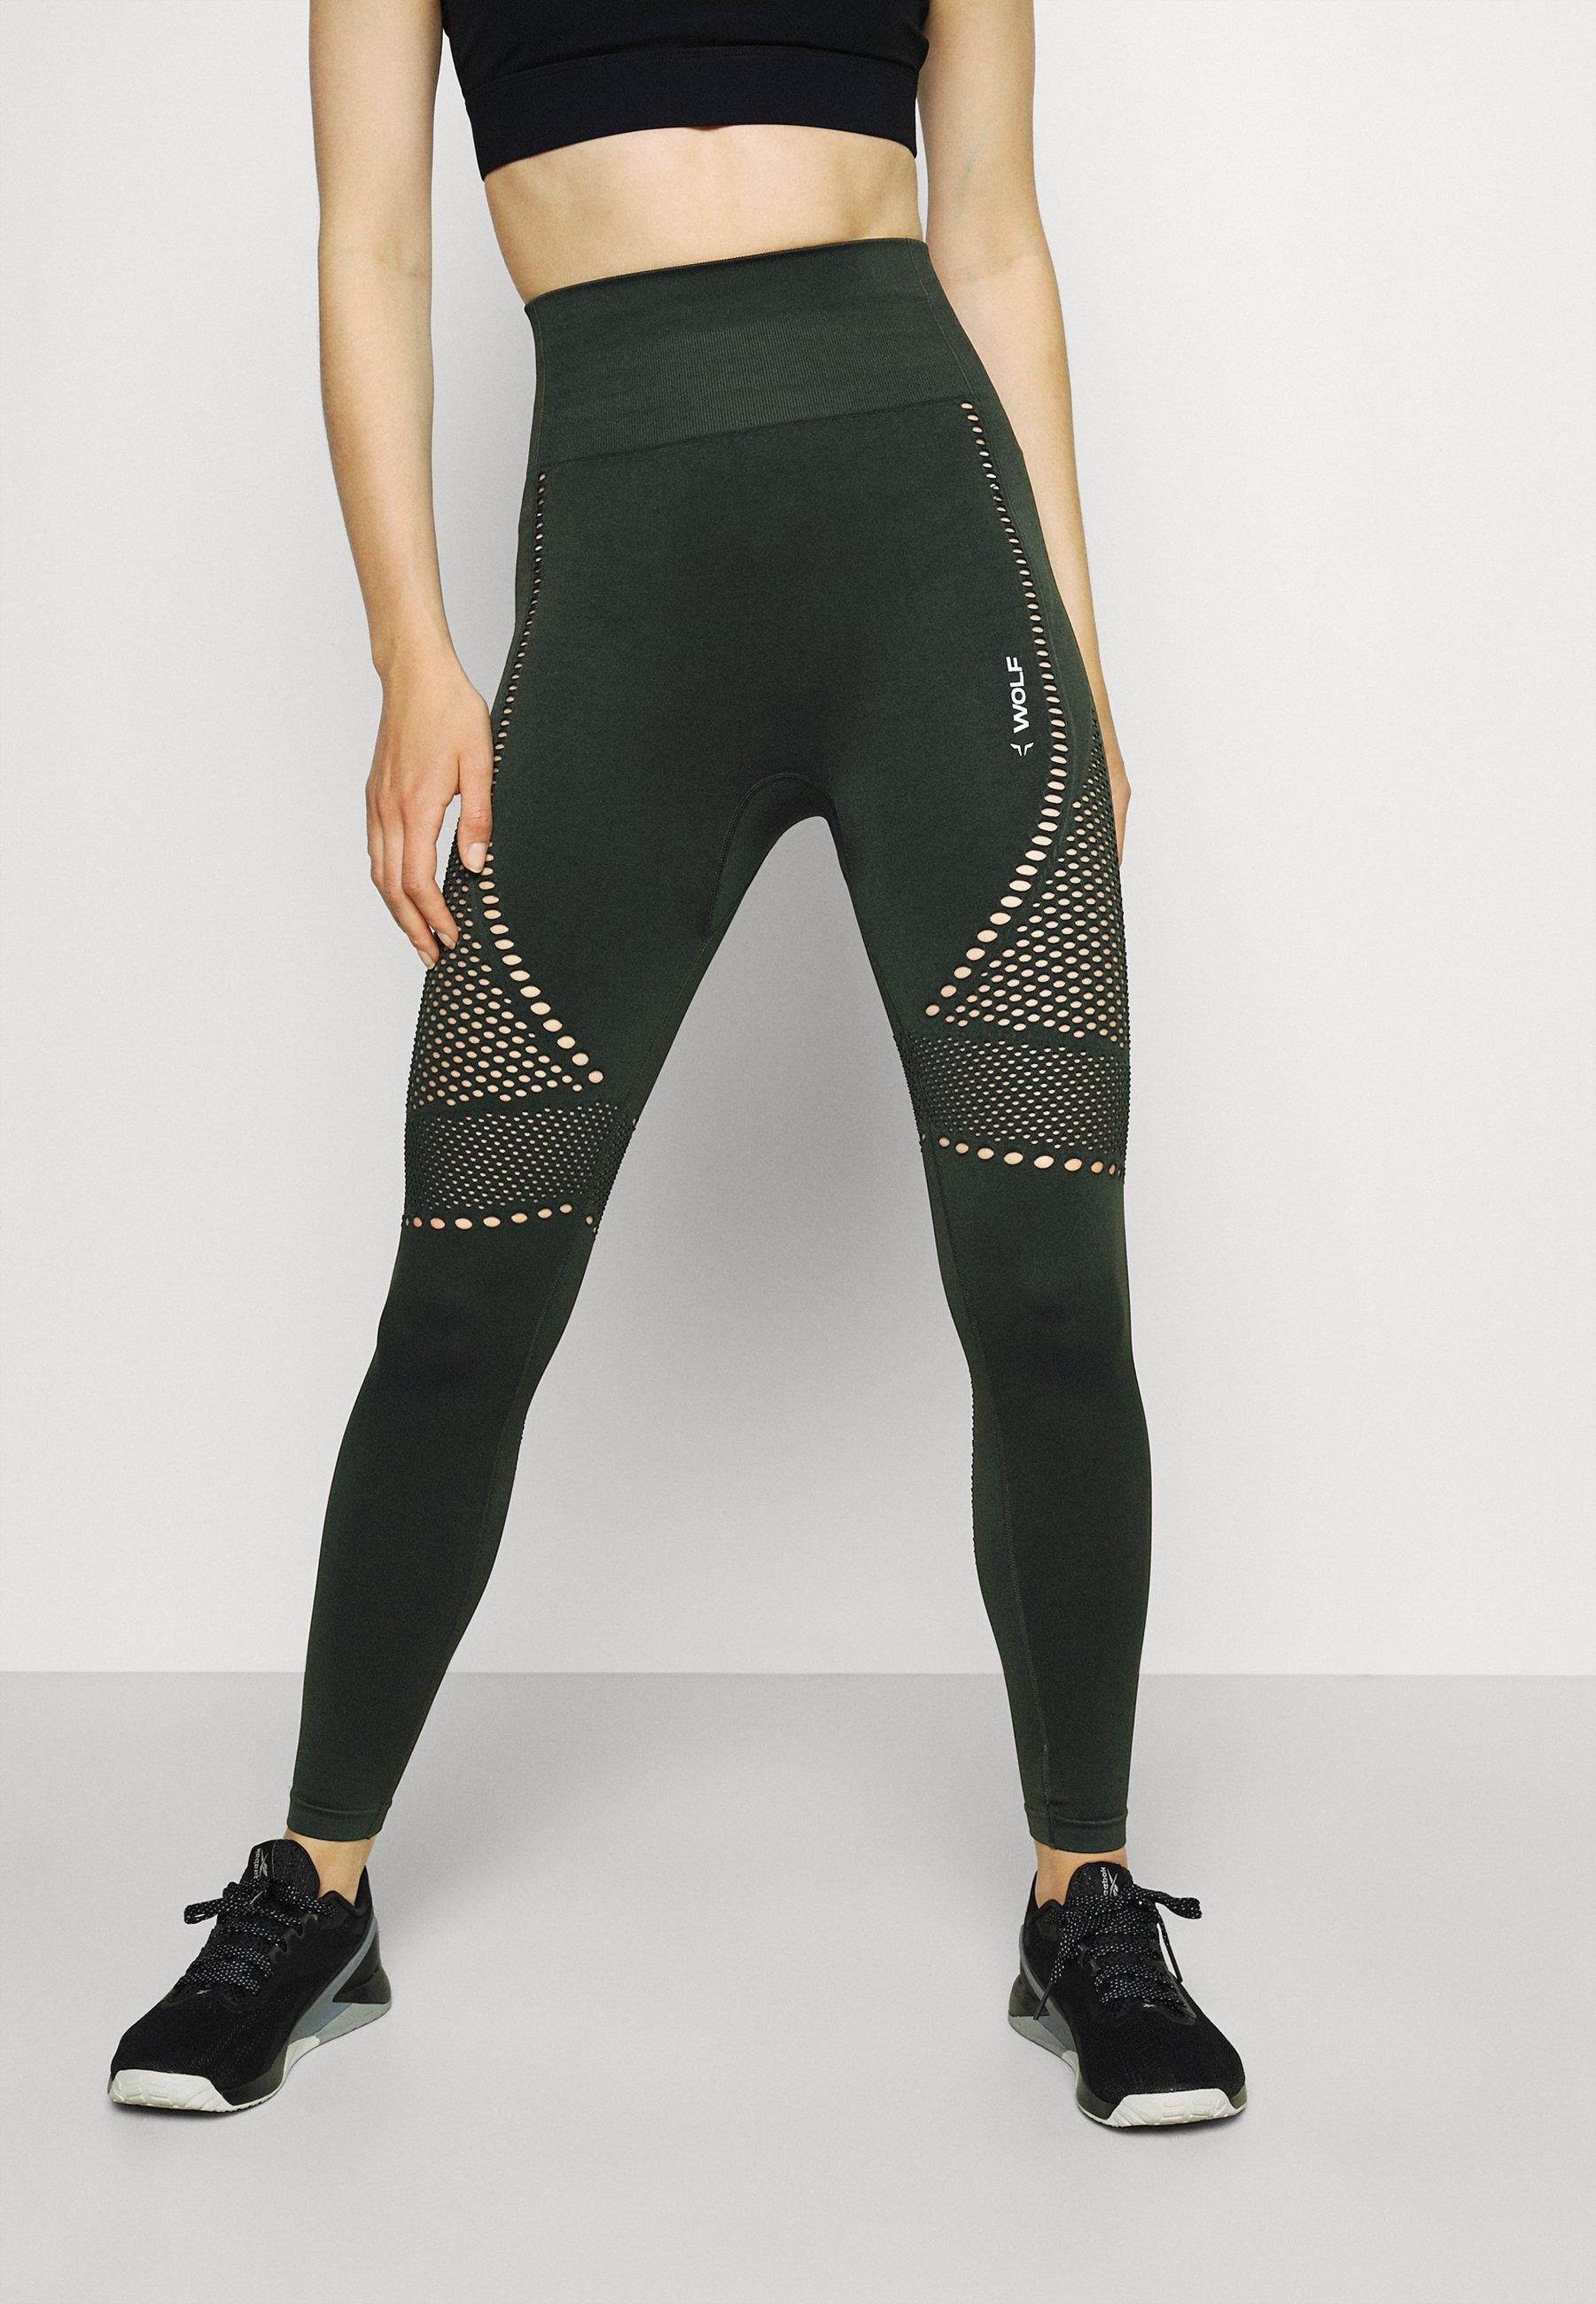 Femme EVOLVE META LEGGINGS - Collants